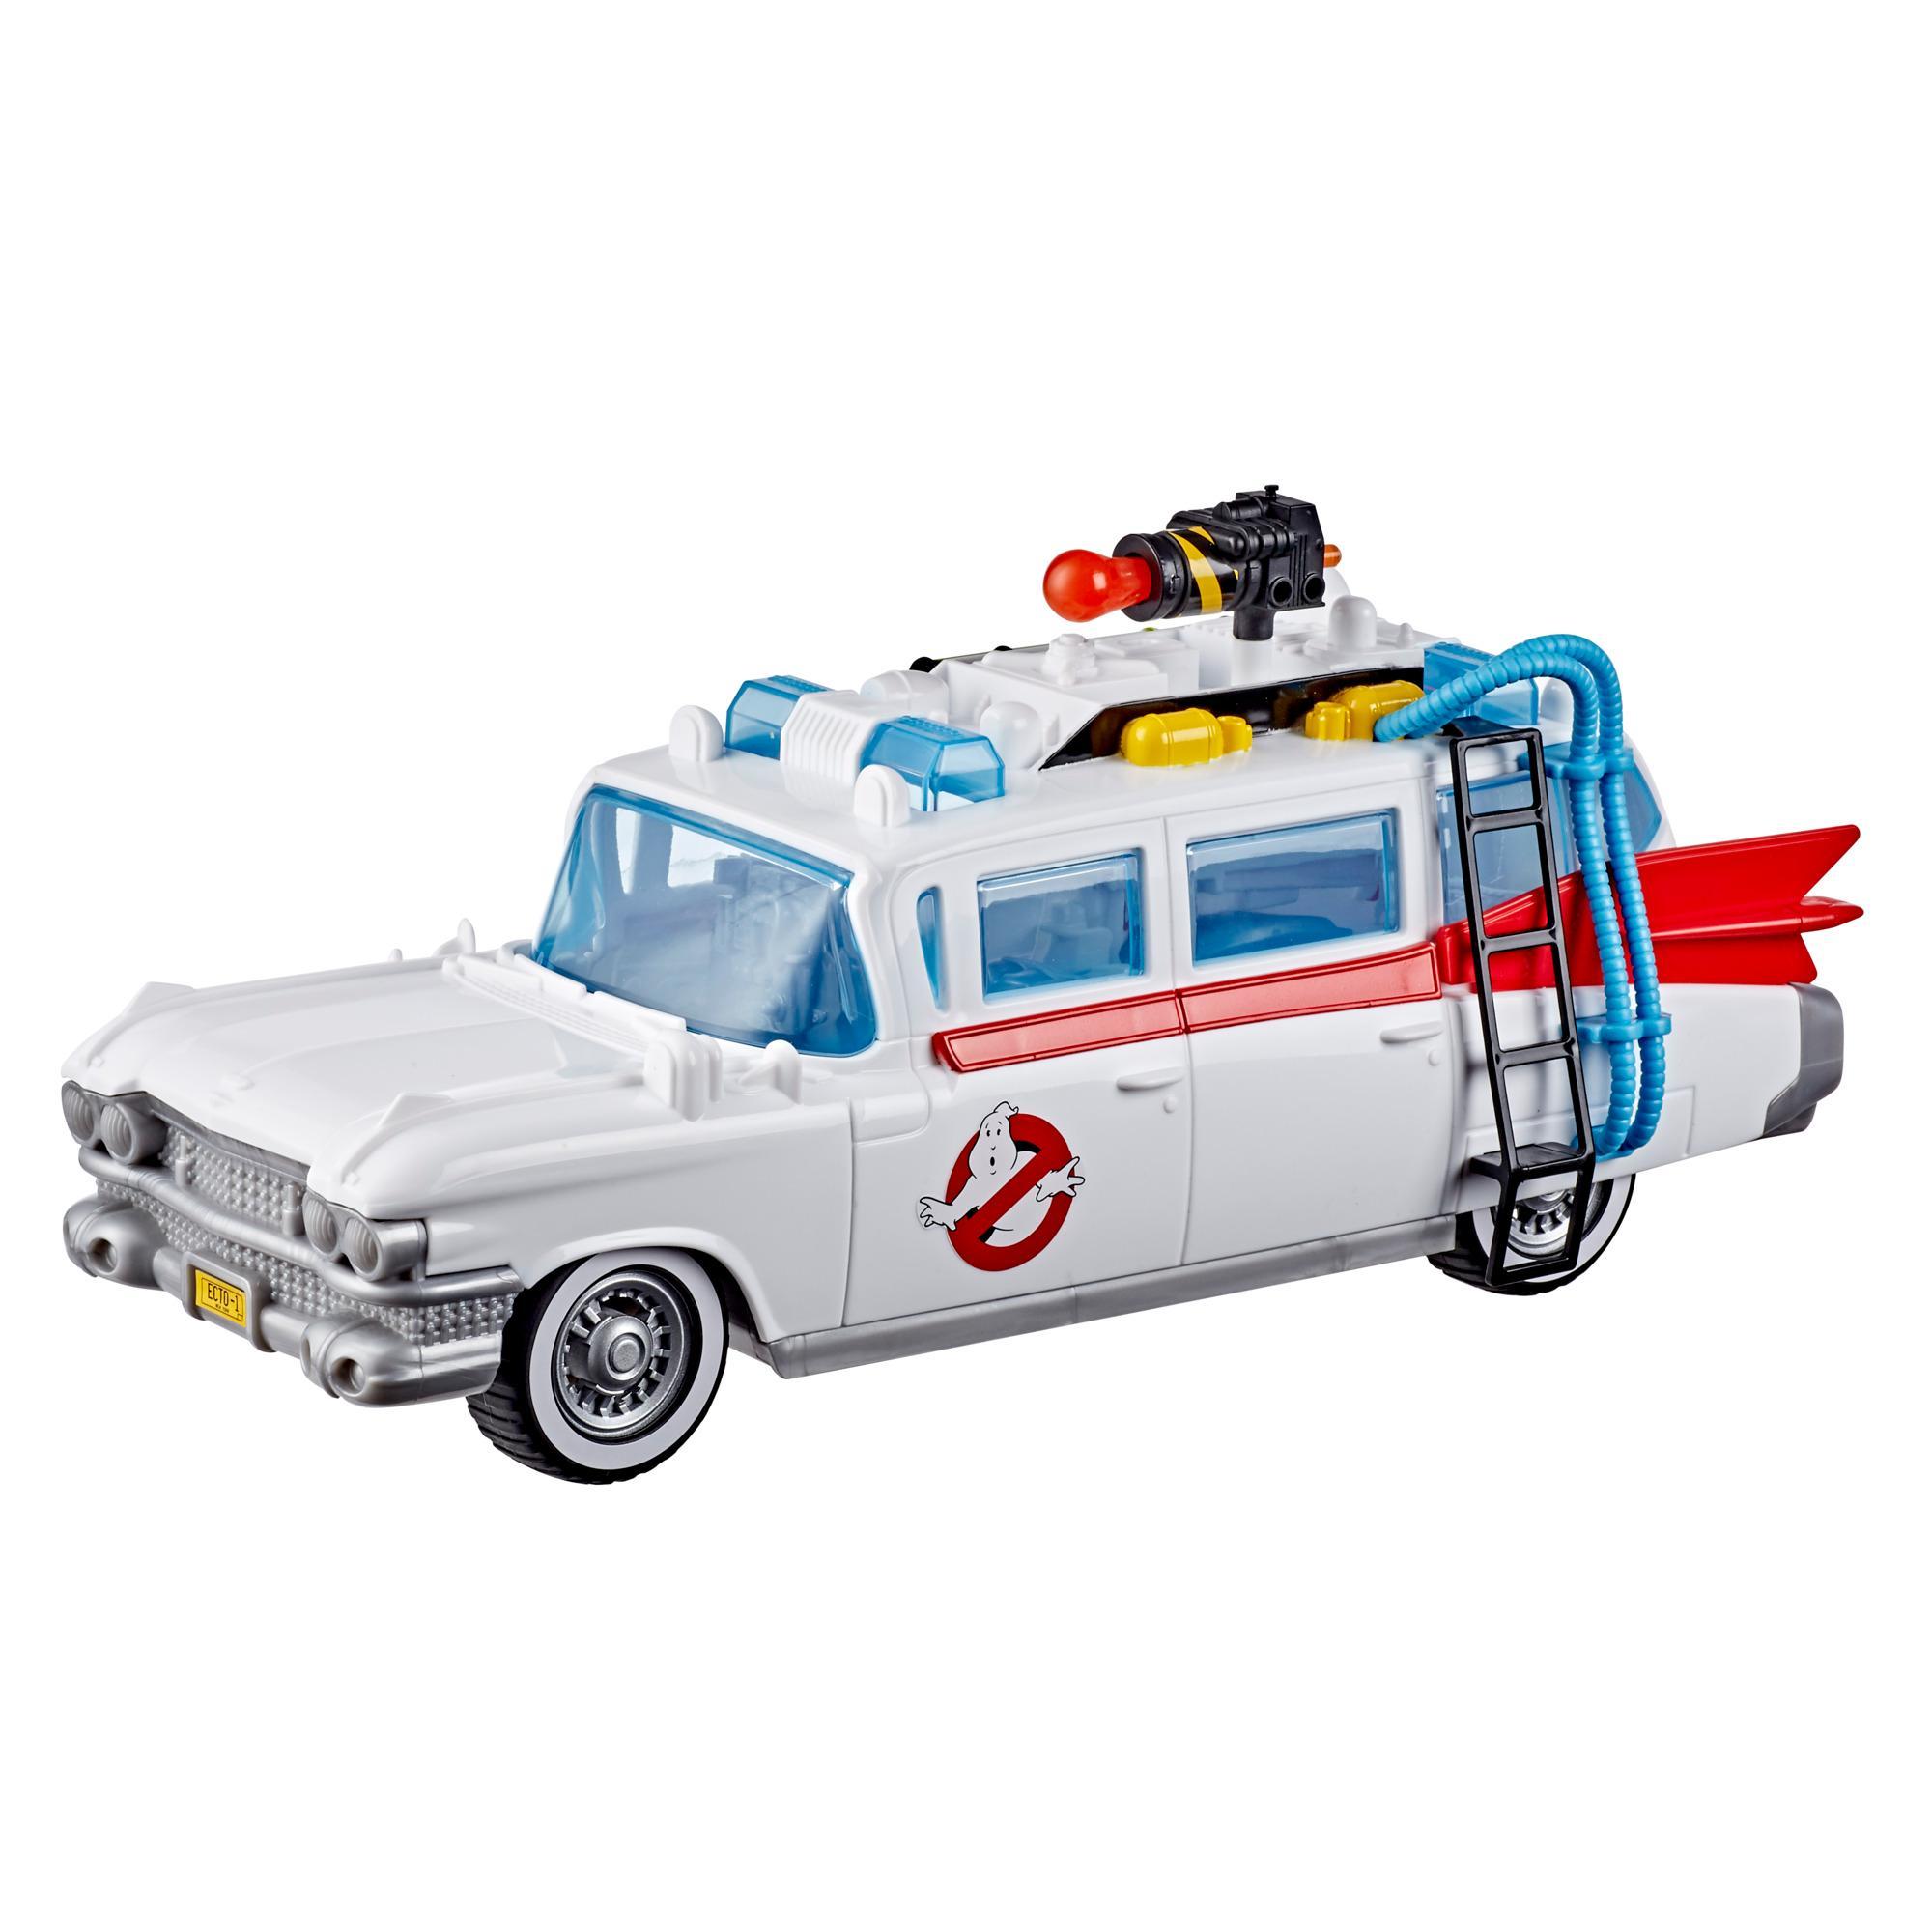 Ghostbusters, film 2020, Ecto-1 avec accessoires, pour enfants, fans et collectionneurs, dès 4ans